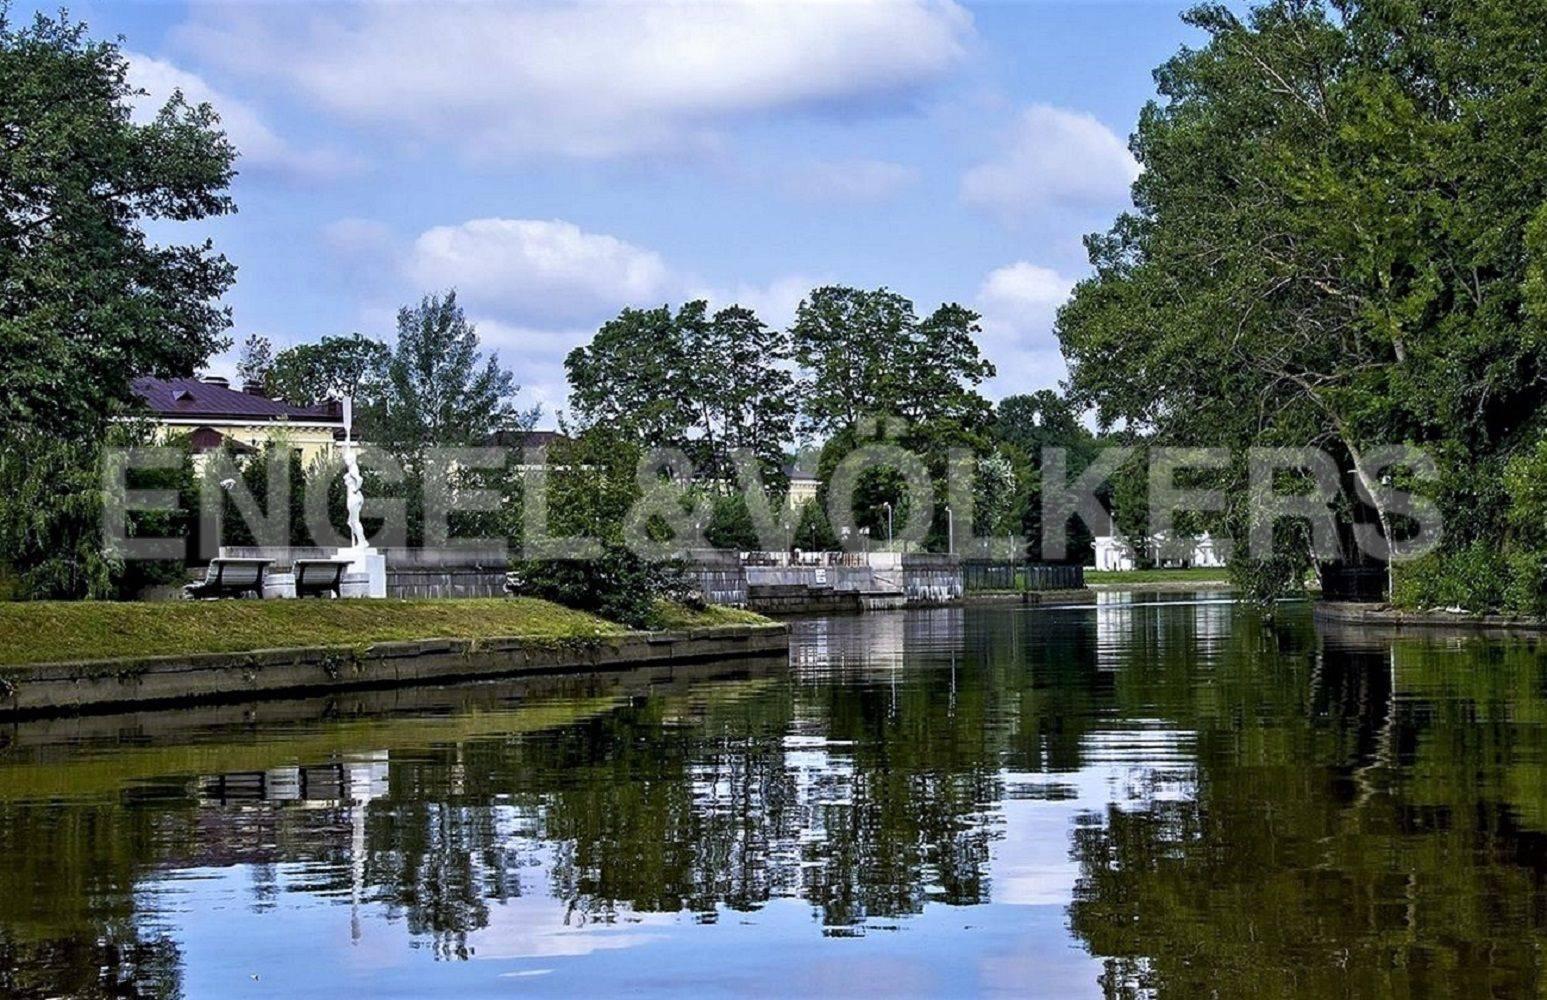 Элитные квартиры на . Санкт-Петербург, Большая аллея, 10 . Вид на Елагин остров со стороны Каиенного острова